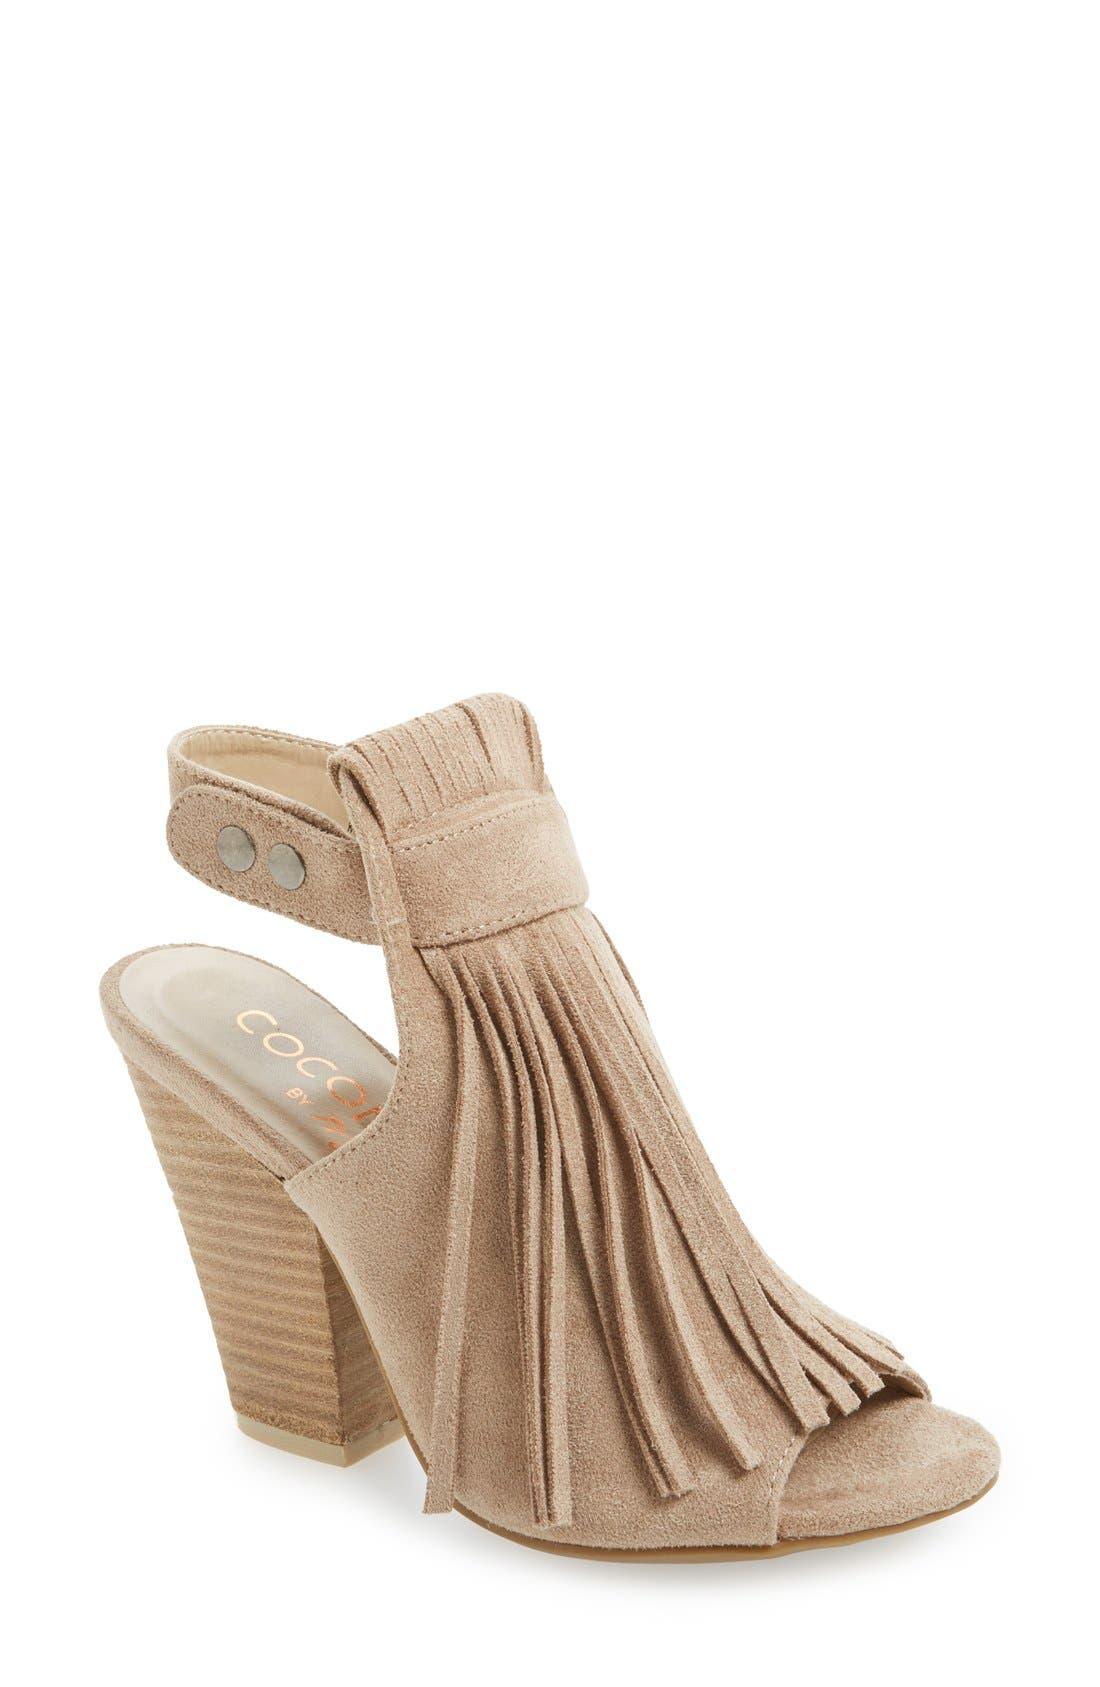 Matisse 'Skye' Fringe Sandal,                         Main,                         color, Natural Faux Leather